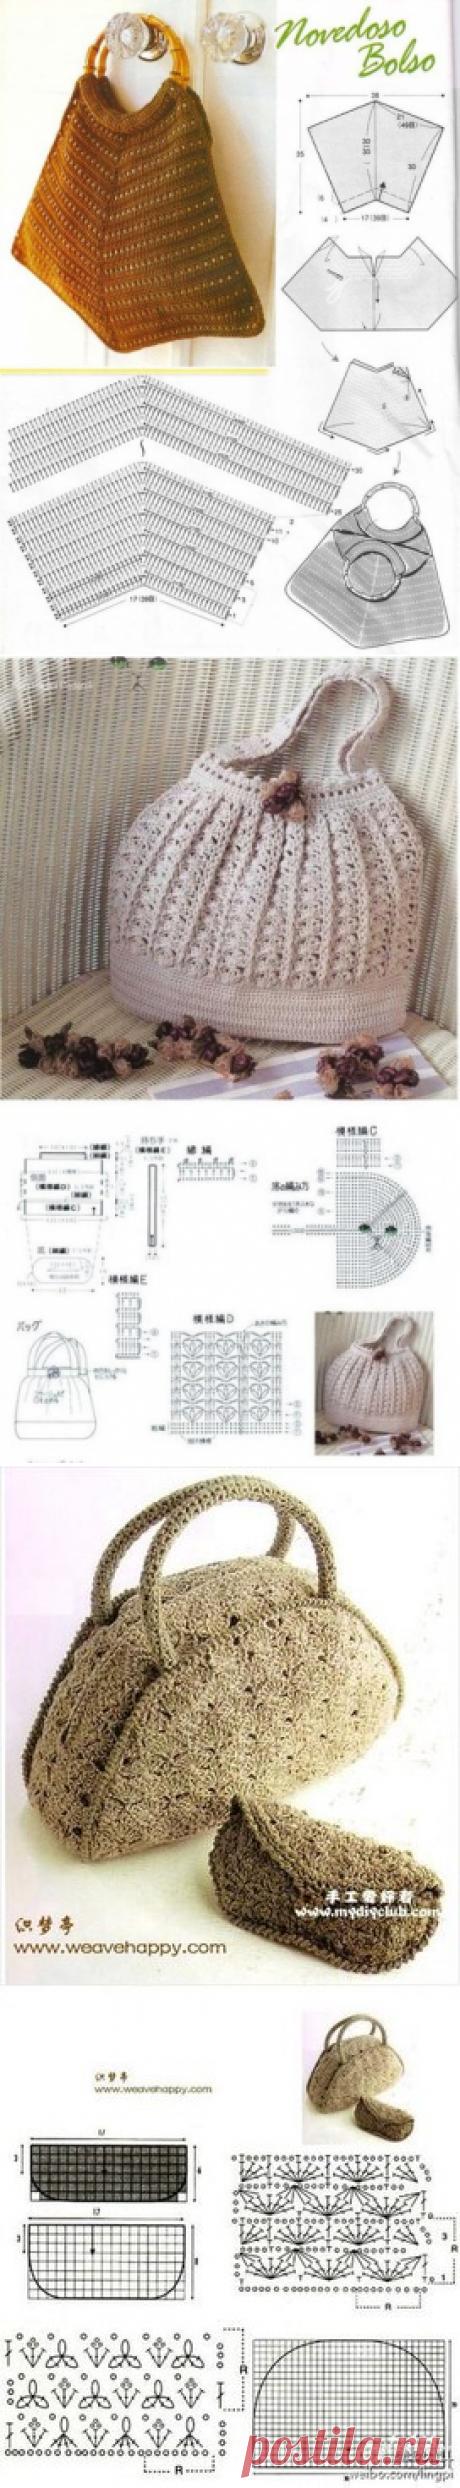 подборка сумок, связанных крючком